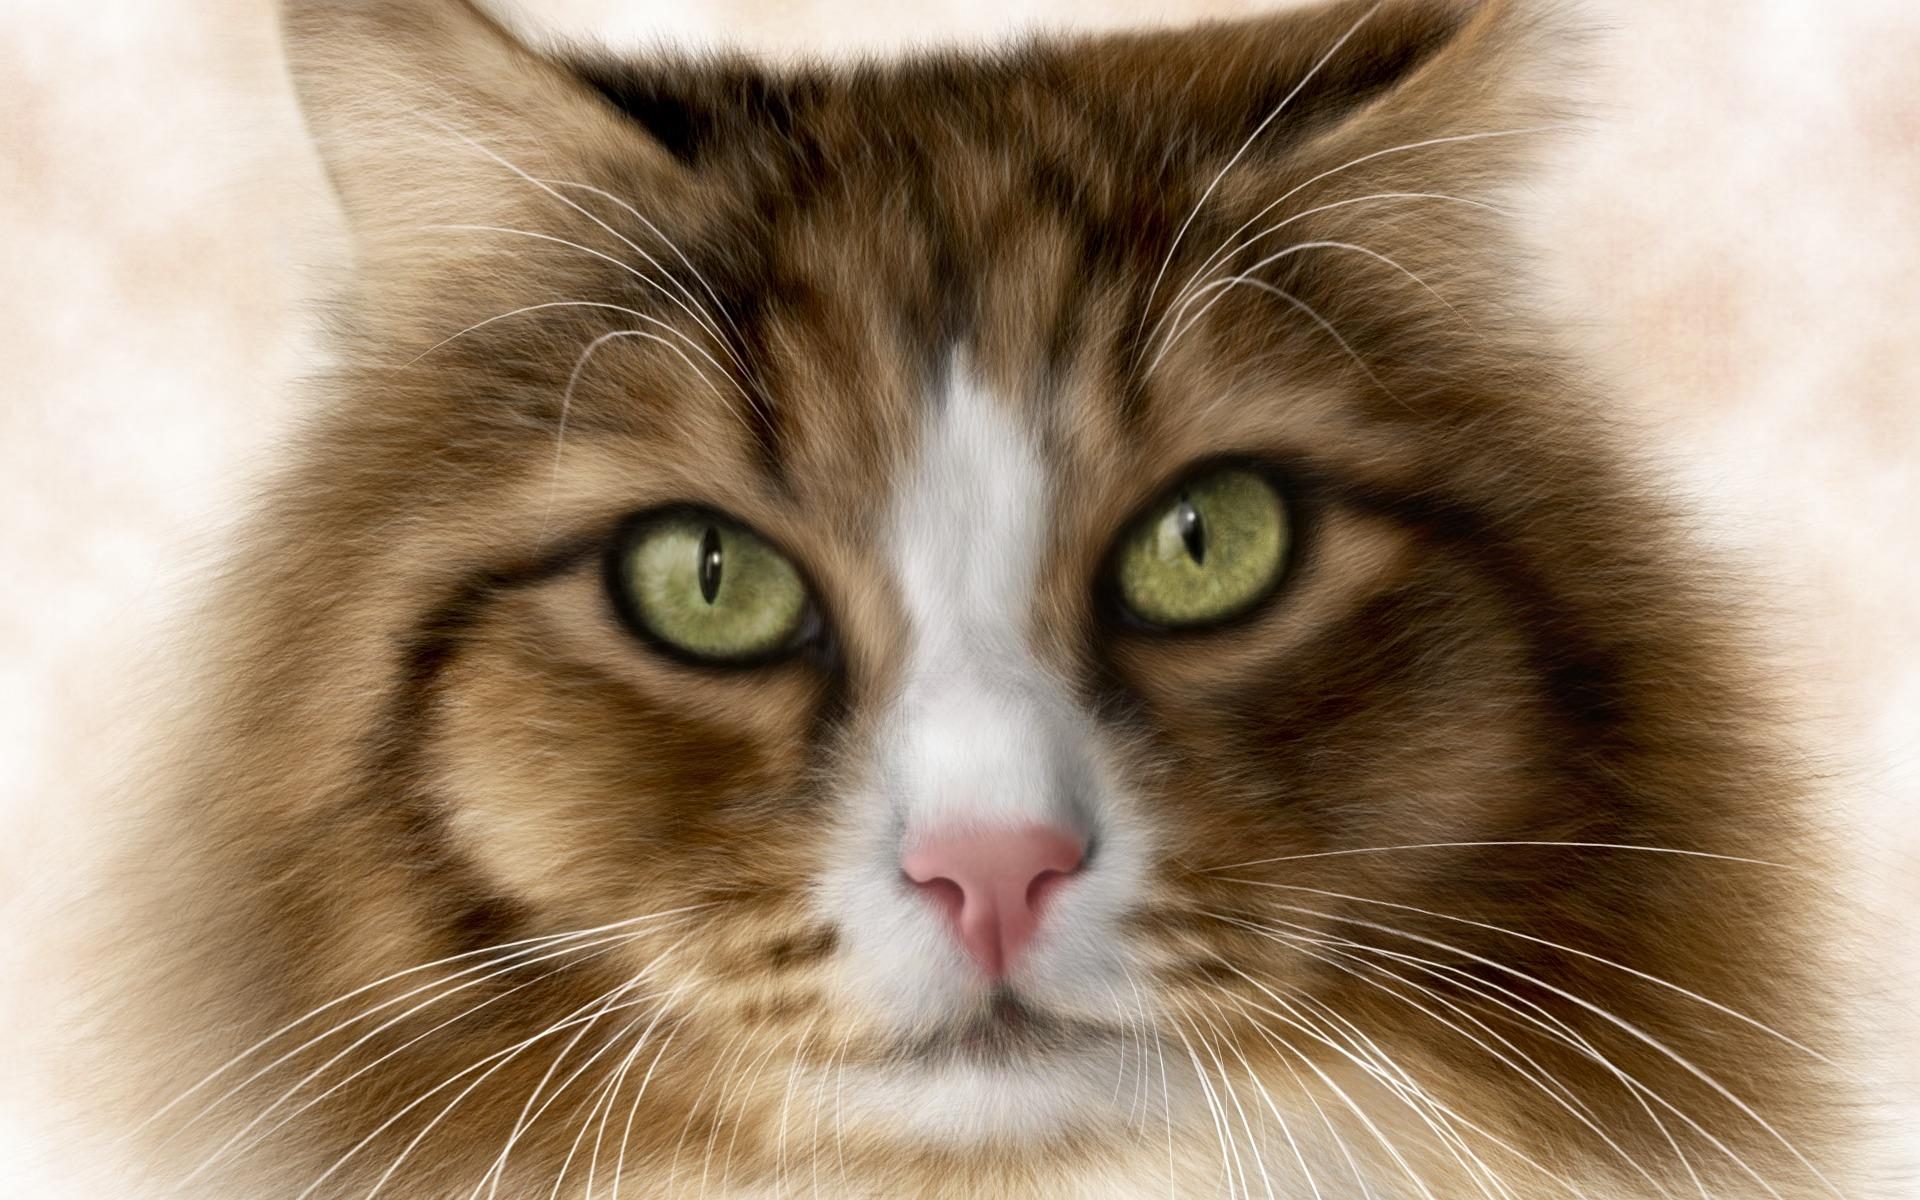 chat-tete_animaux-domestiques_grand_format-du-jour_10